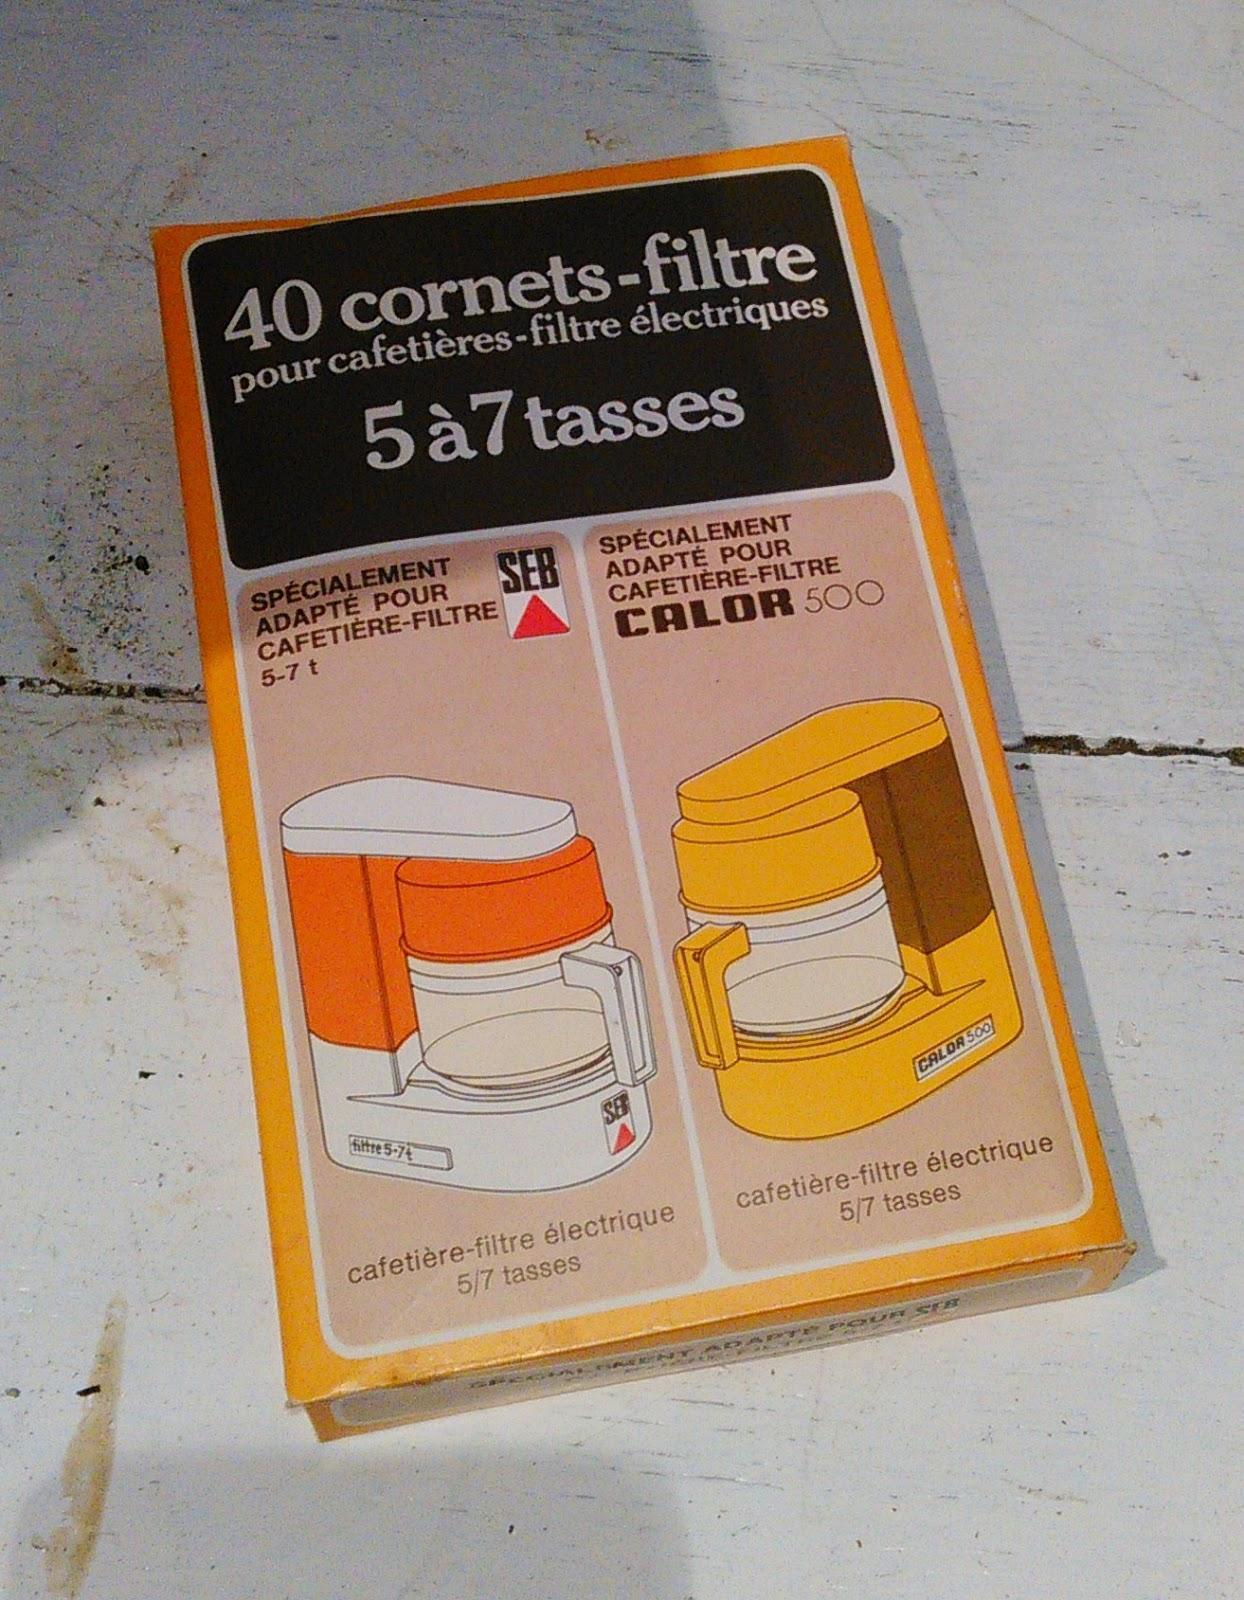 cafeti re filtre automatique calor 500 lectrique vintage. Black Bedroom Furniture Sets. Home Design Ideas